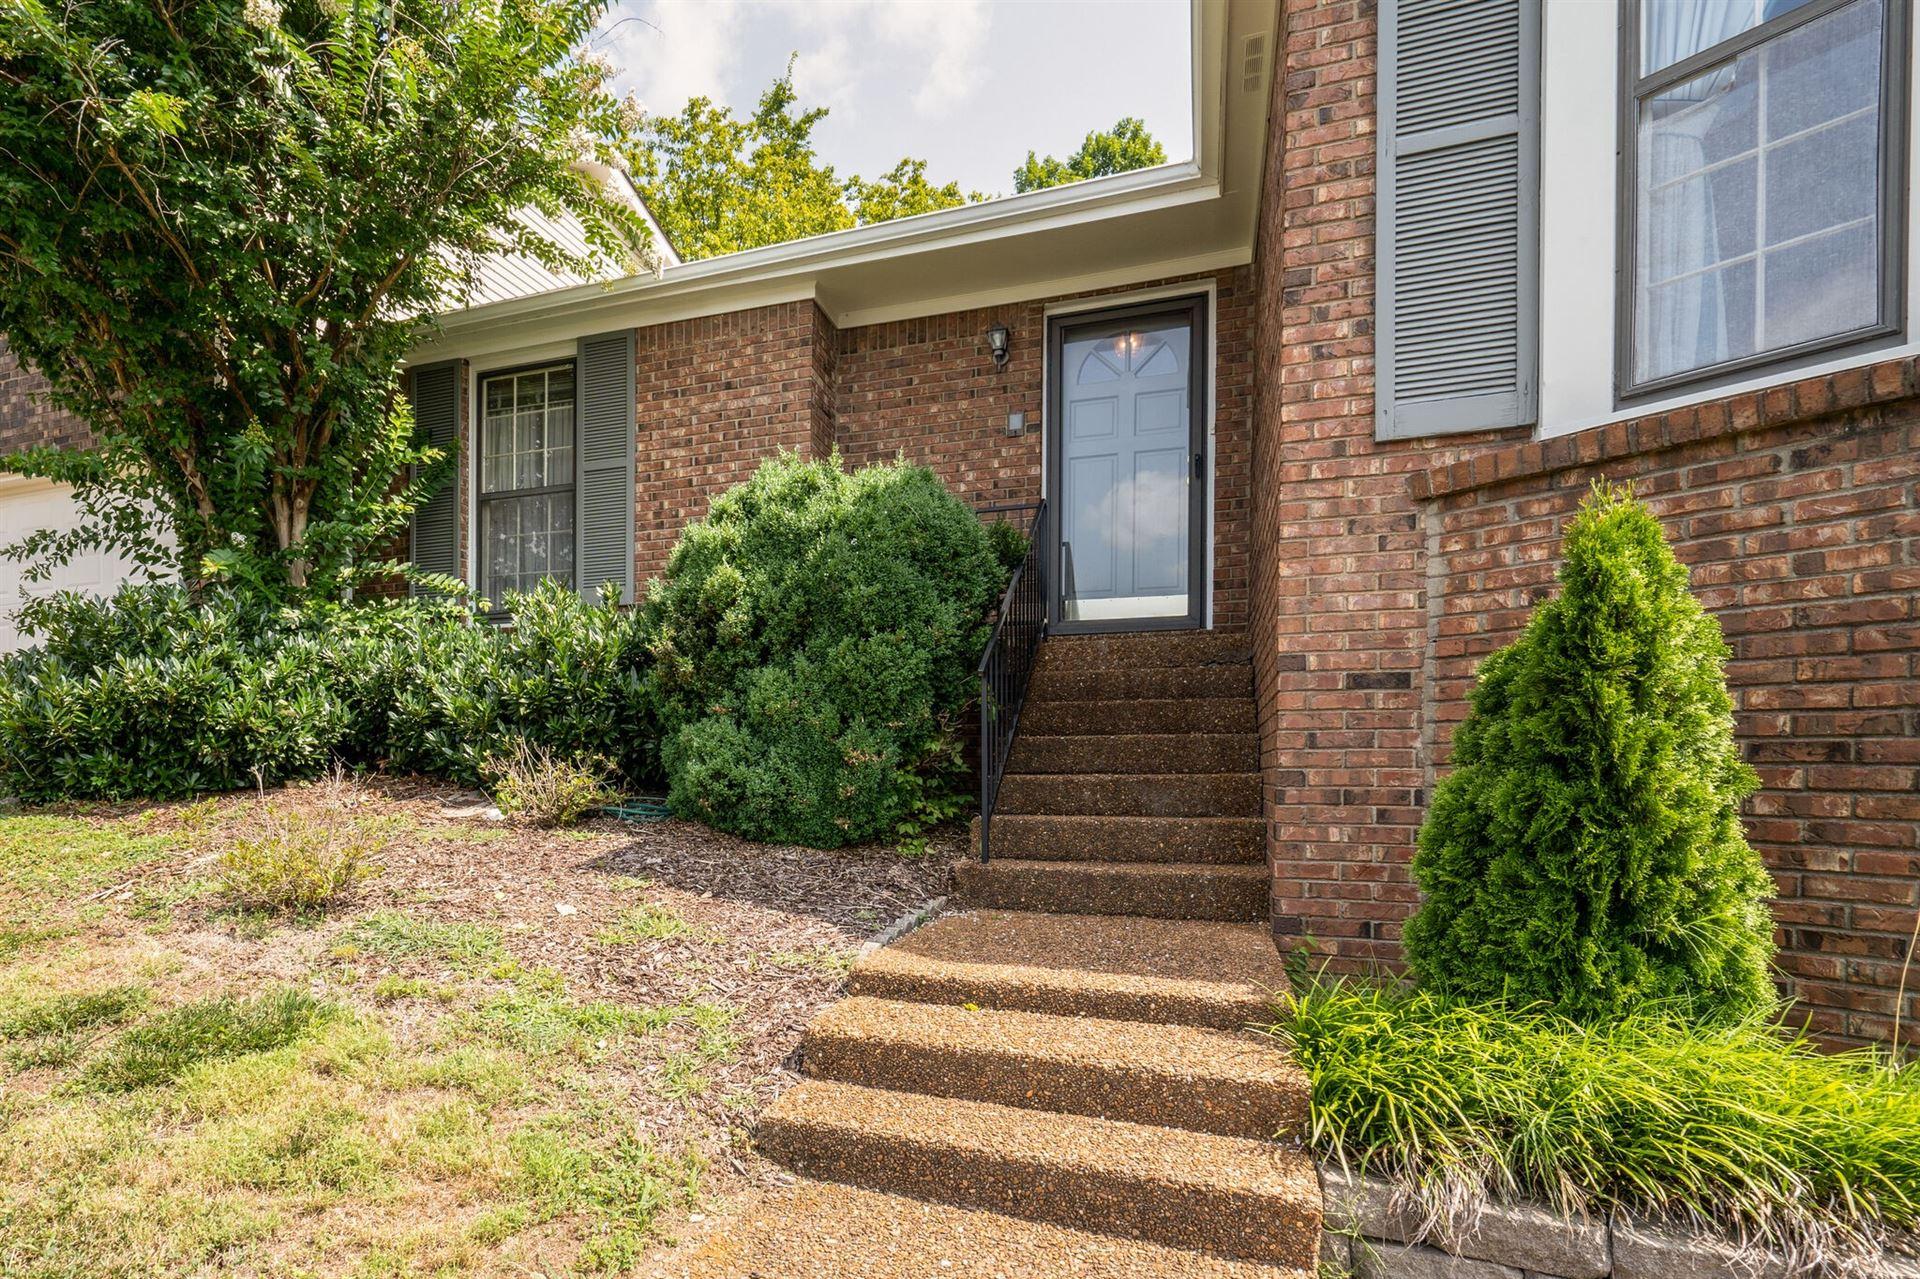 Photo of 7014 Tartan Dr, Brentwood, TN 37027 (MLS # 2274445)